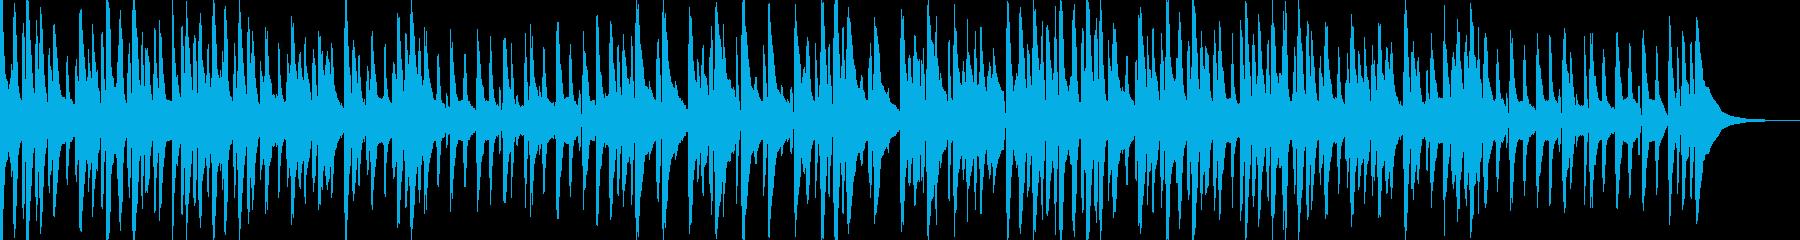 お洒落でキャッチ―なジャズピアノトリオ2の再生済みの波形